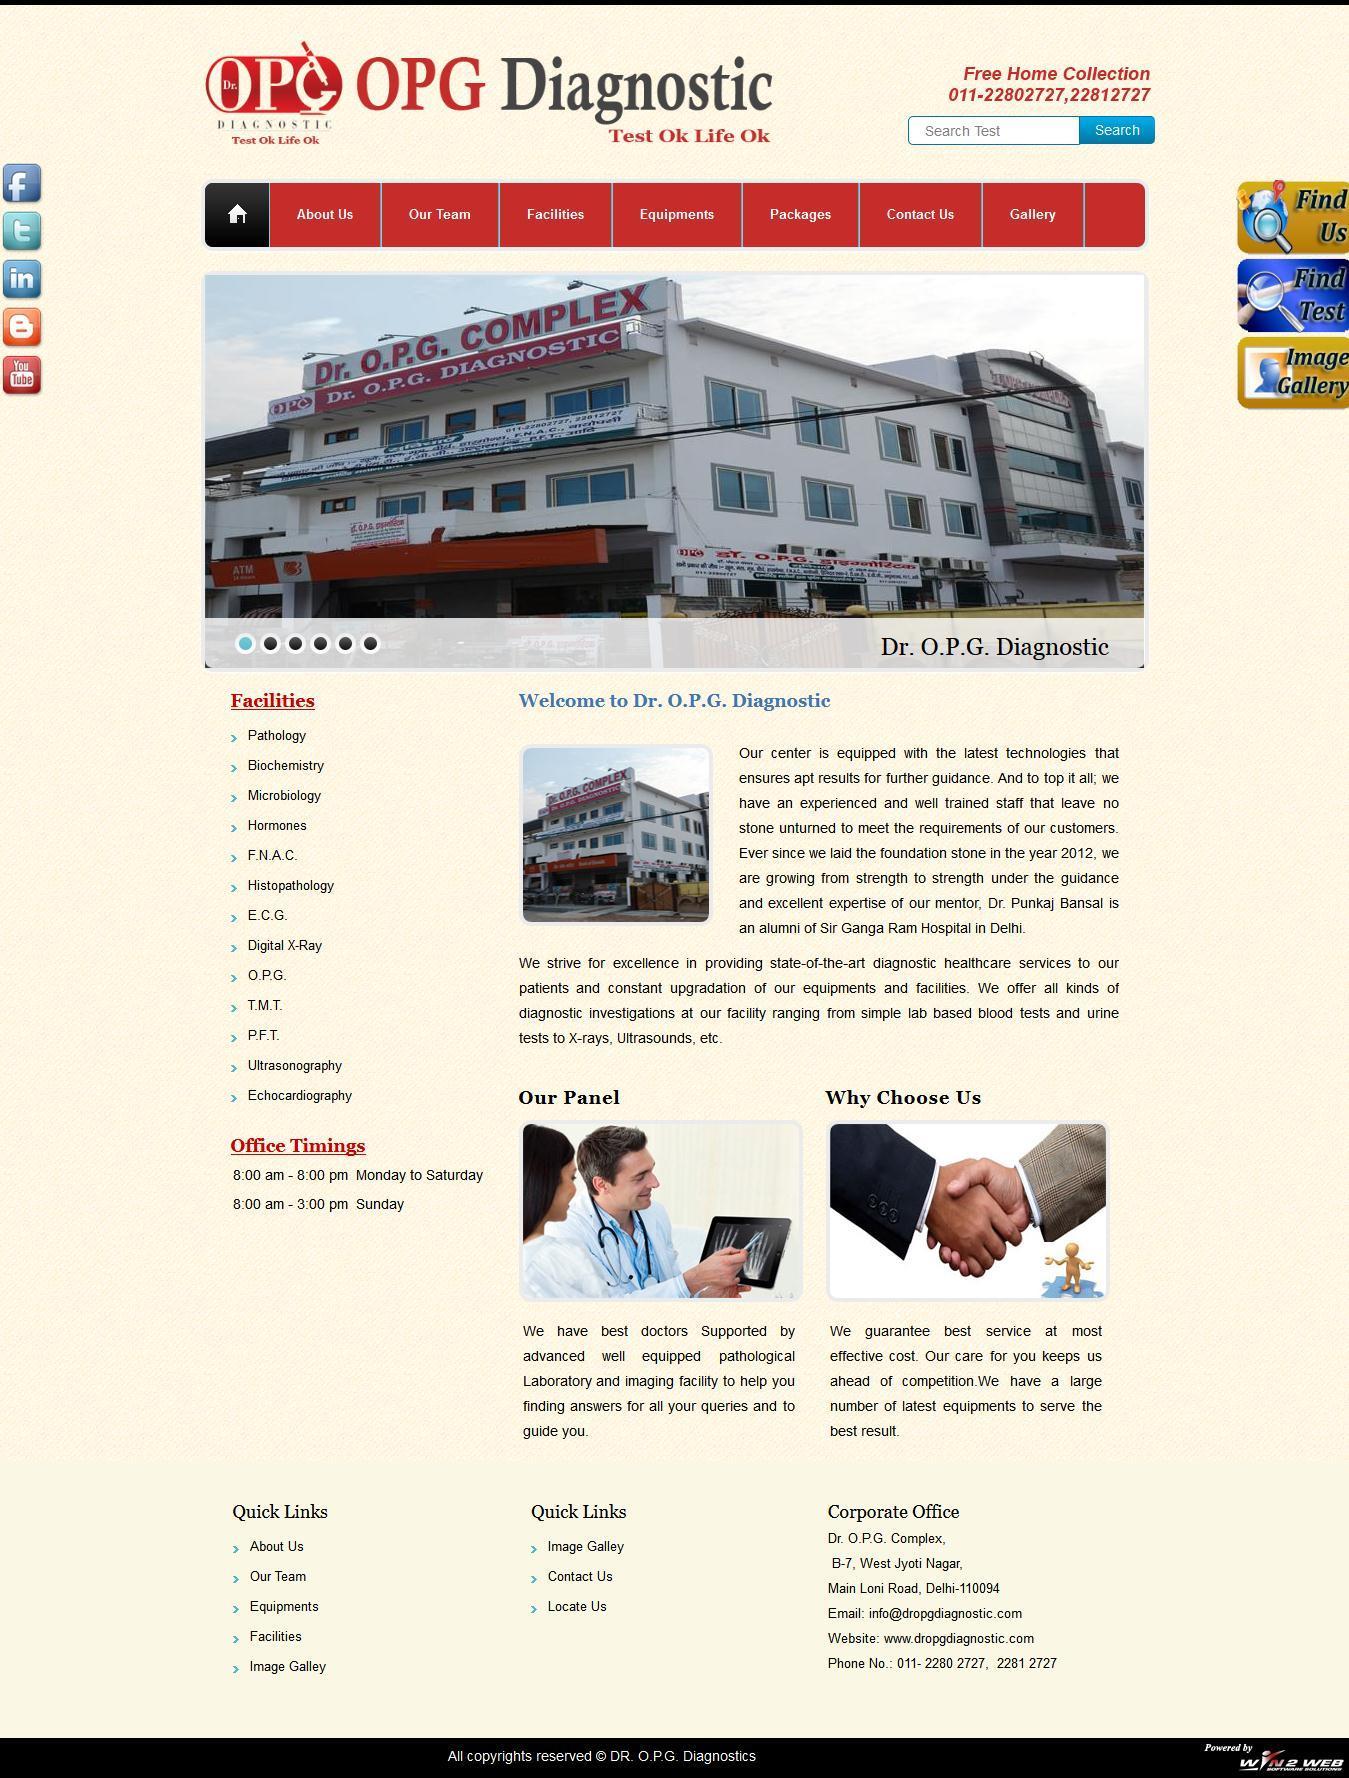 Dr. O.P.G. Diagnostics